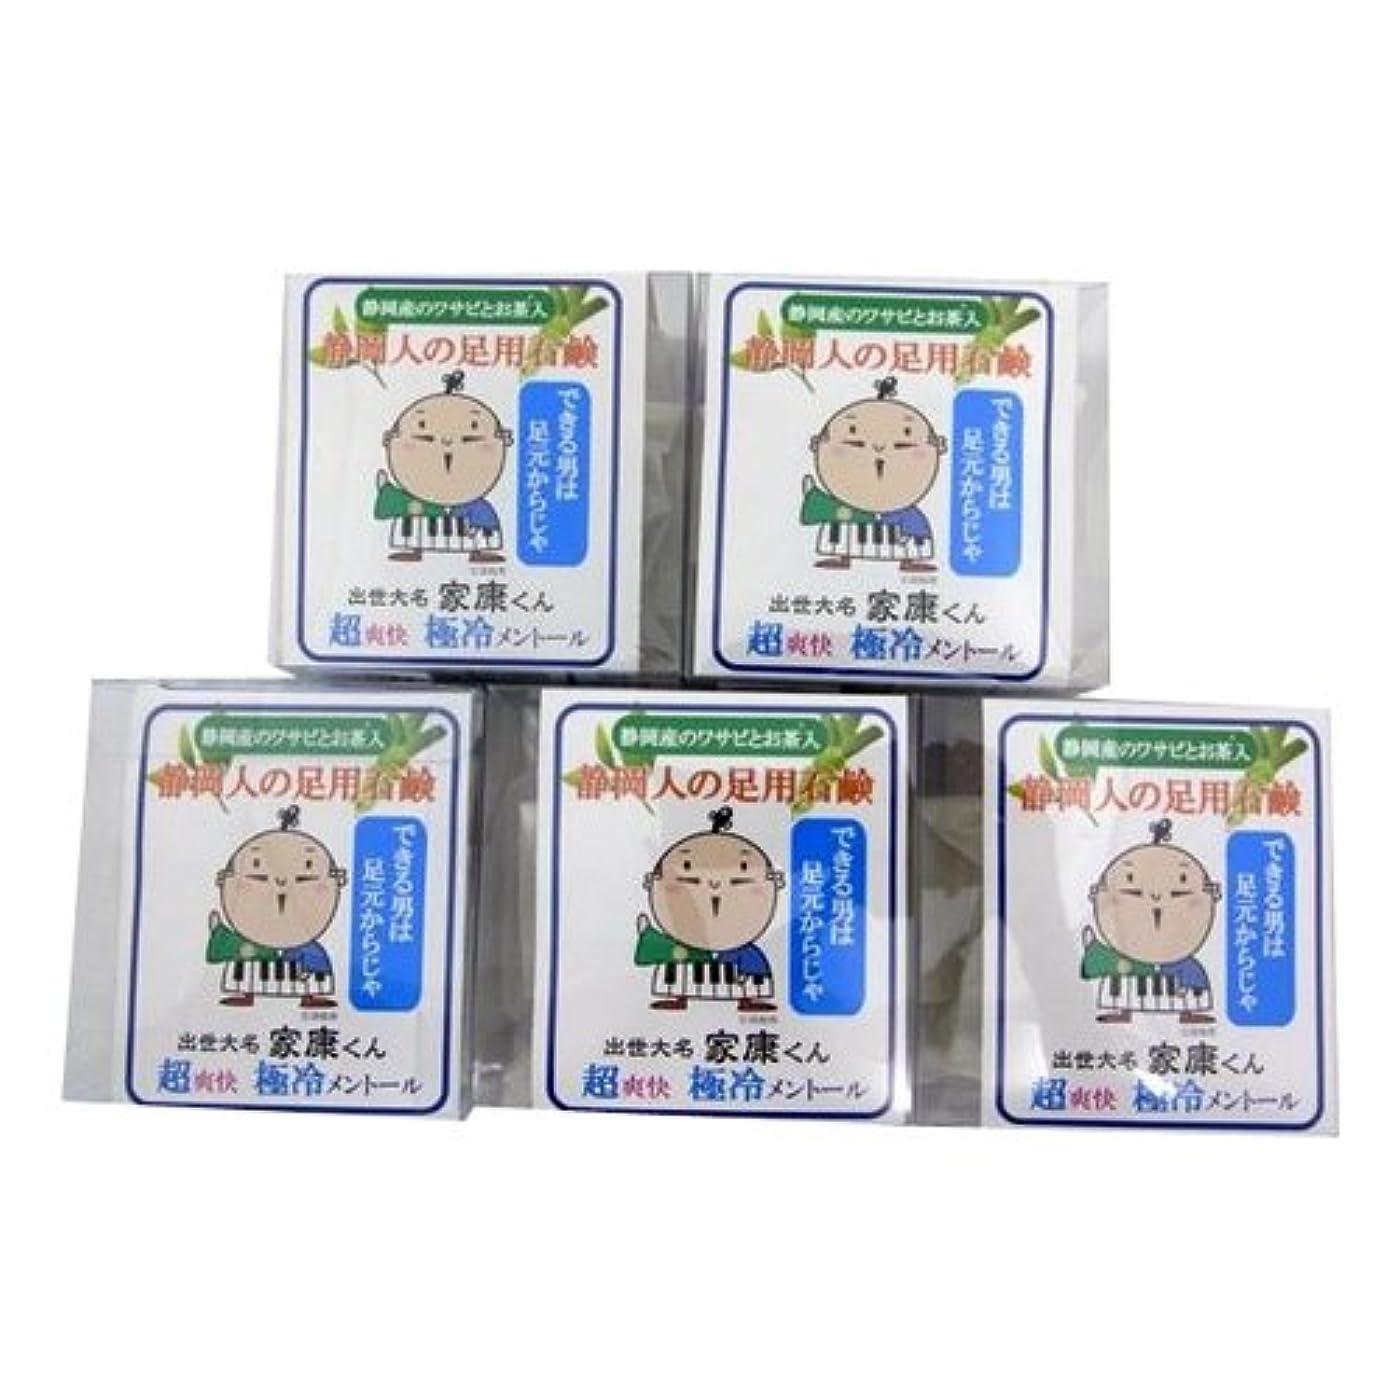 時間厳守ステッチ美的エコライフラボ 静岡人の足用石鹸60g (ネット付) 5個セット